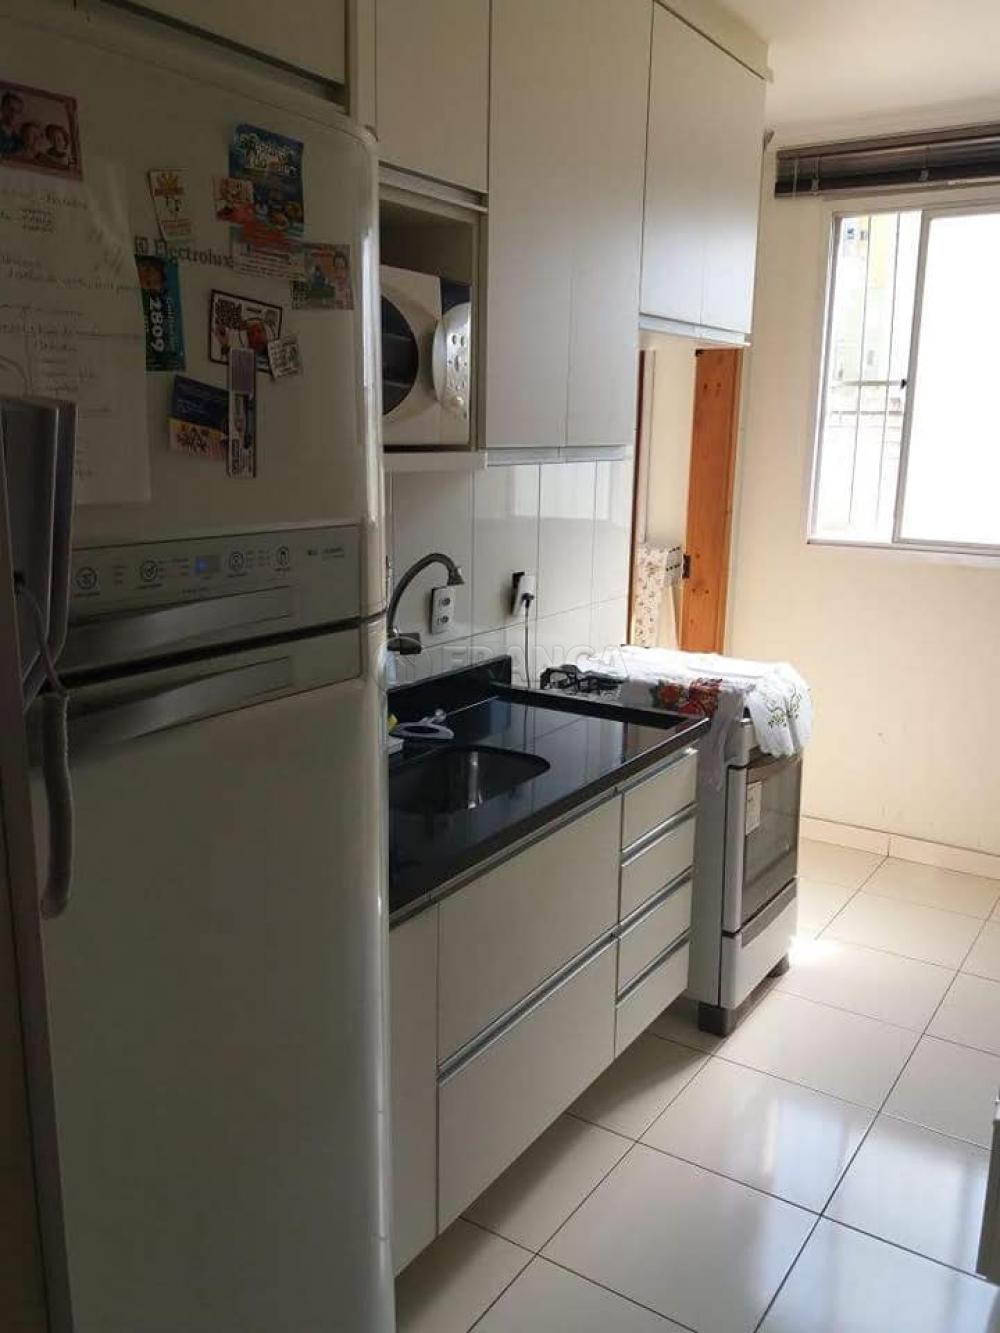 Comprar Apartamento / Padrão em São José dos Campos apenas R$ 180.000,00 - Foto 4